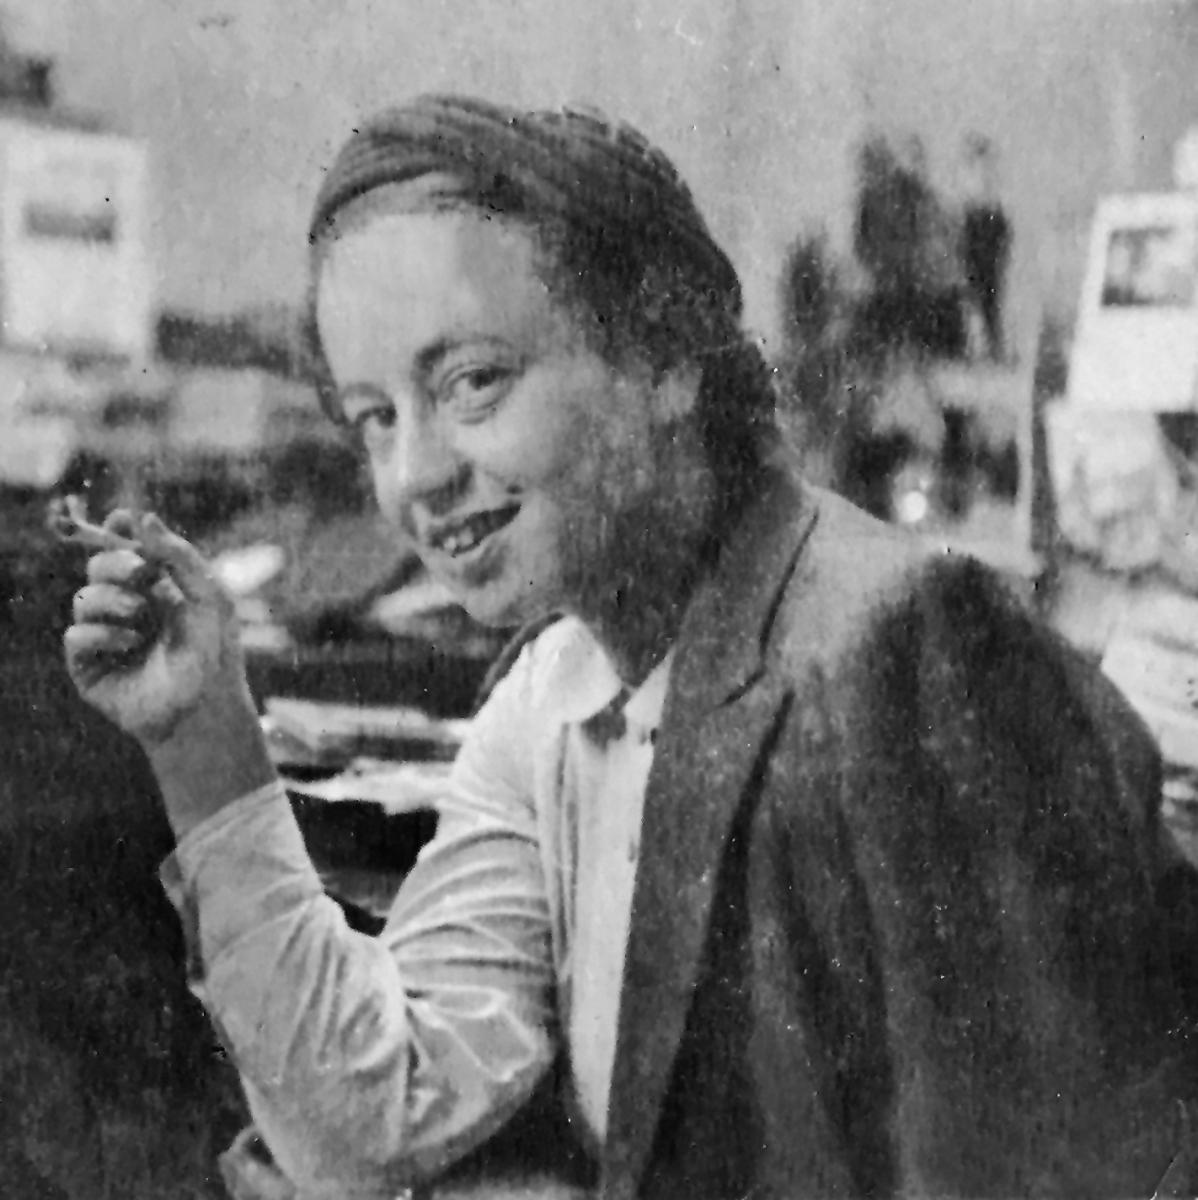 Gego, 1938-39 Hamburgo. Archivo FG.